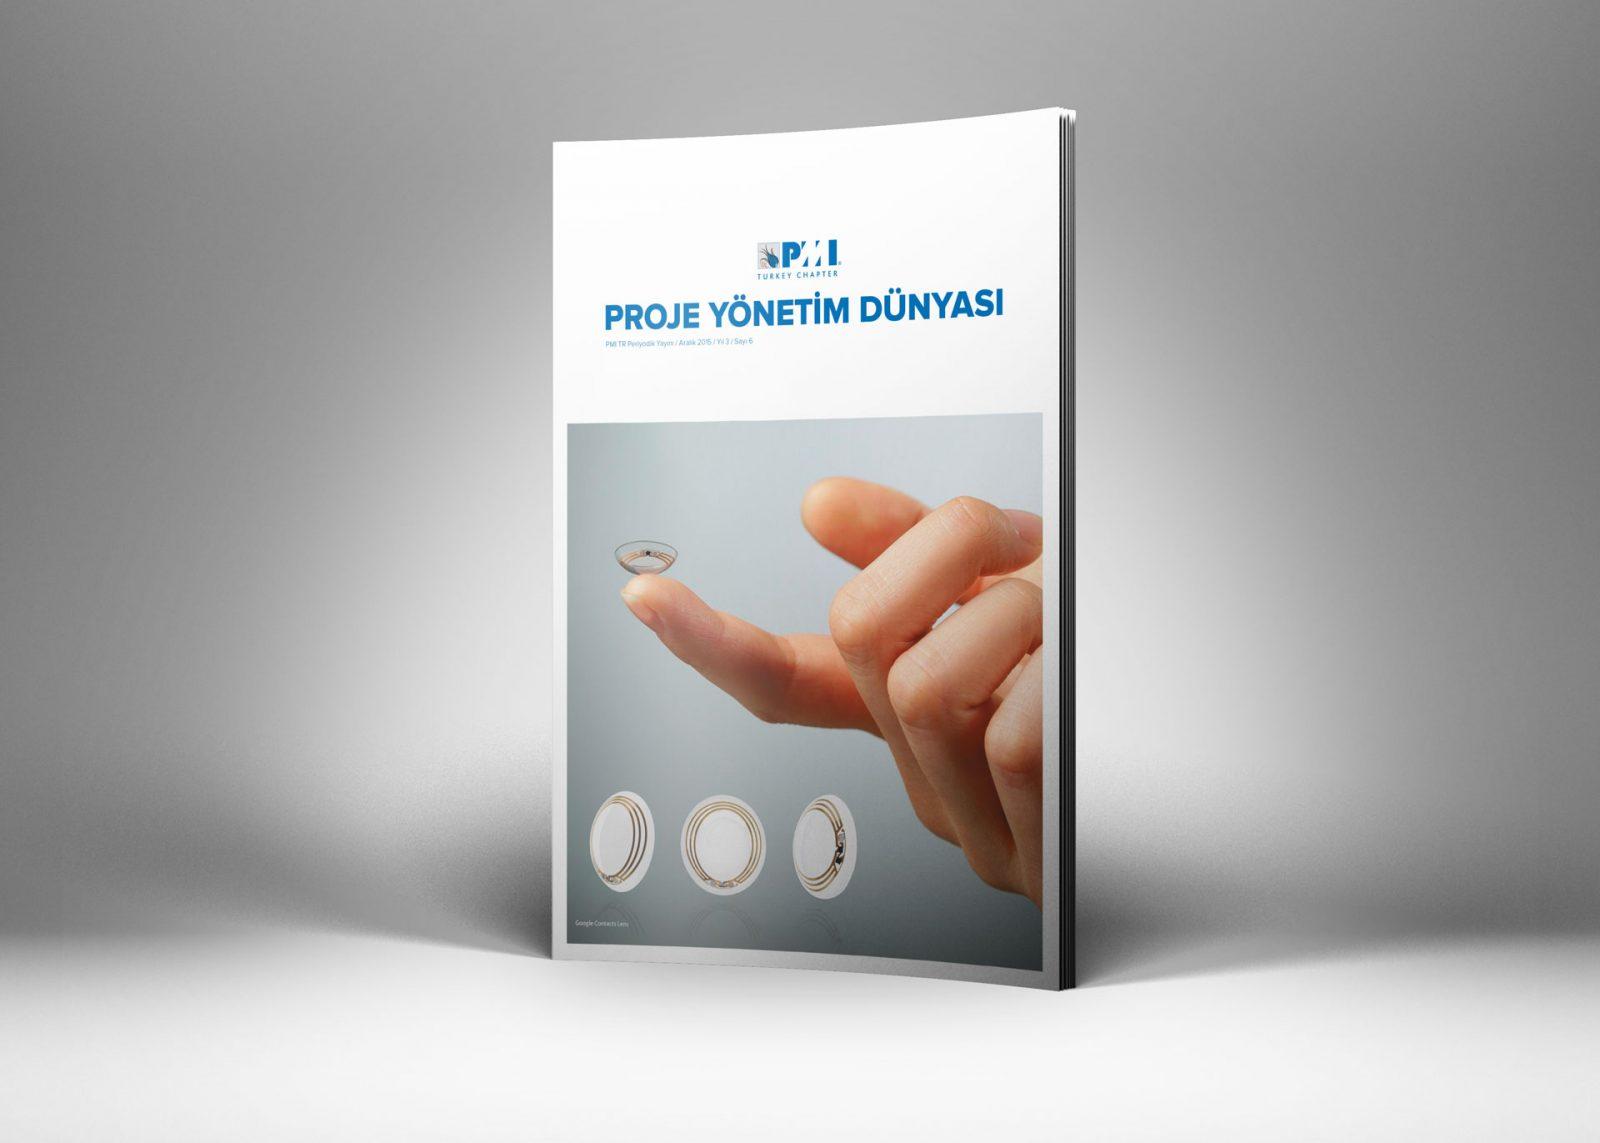 pmi tr dergi tasarımı sayı 6